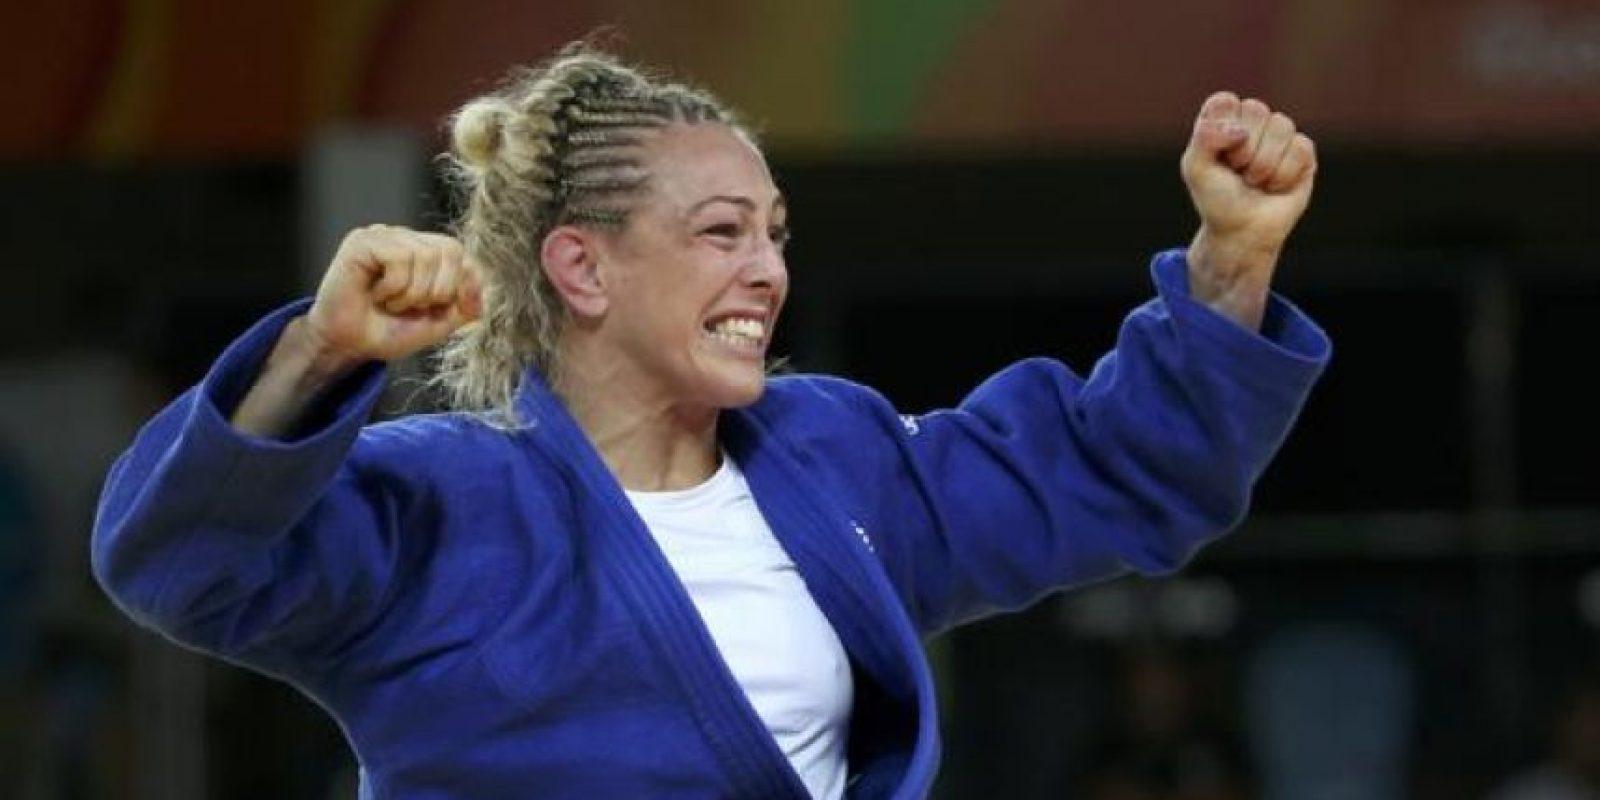 Sally Conway de Gran Bretaña salió a todos los combates de Judo donde compitió con este curioso peinado.